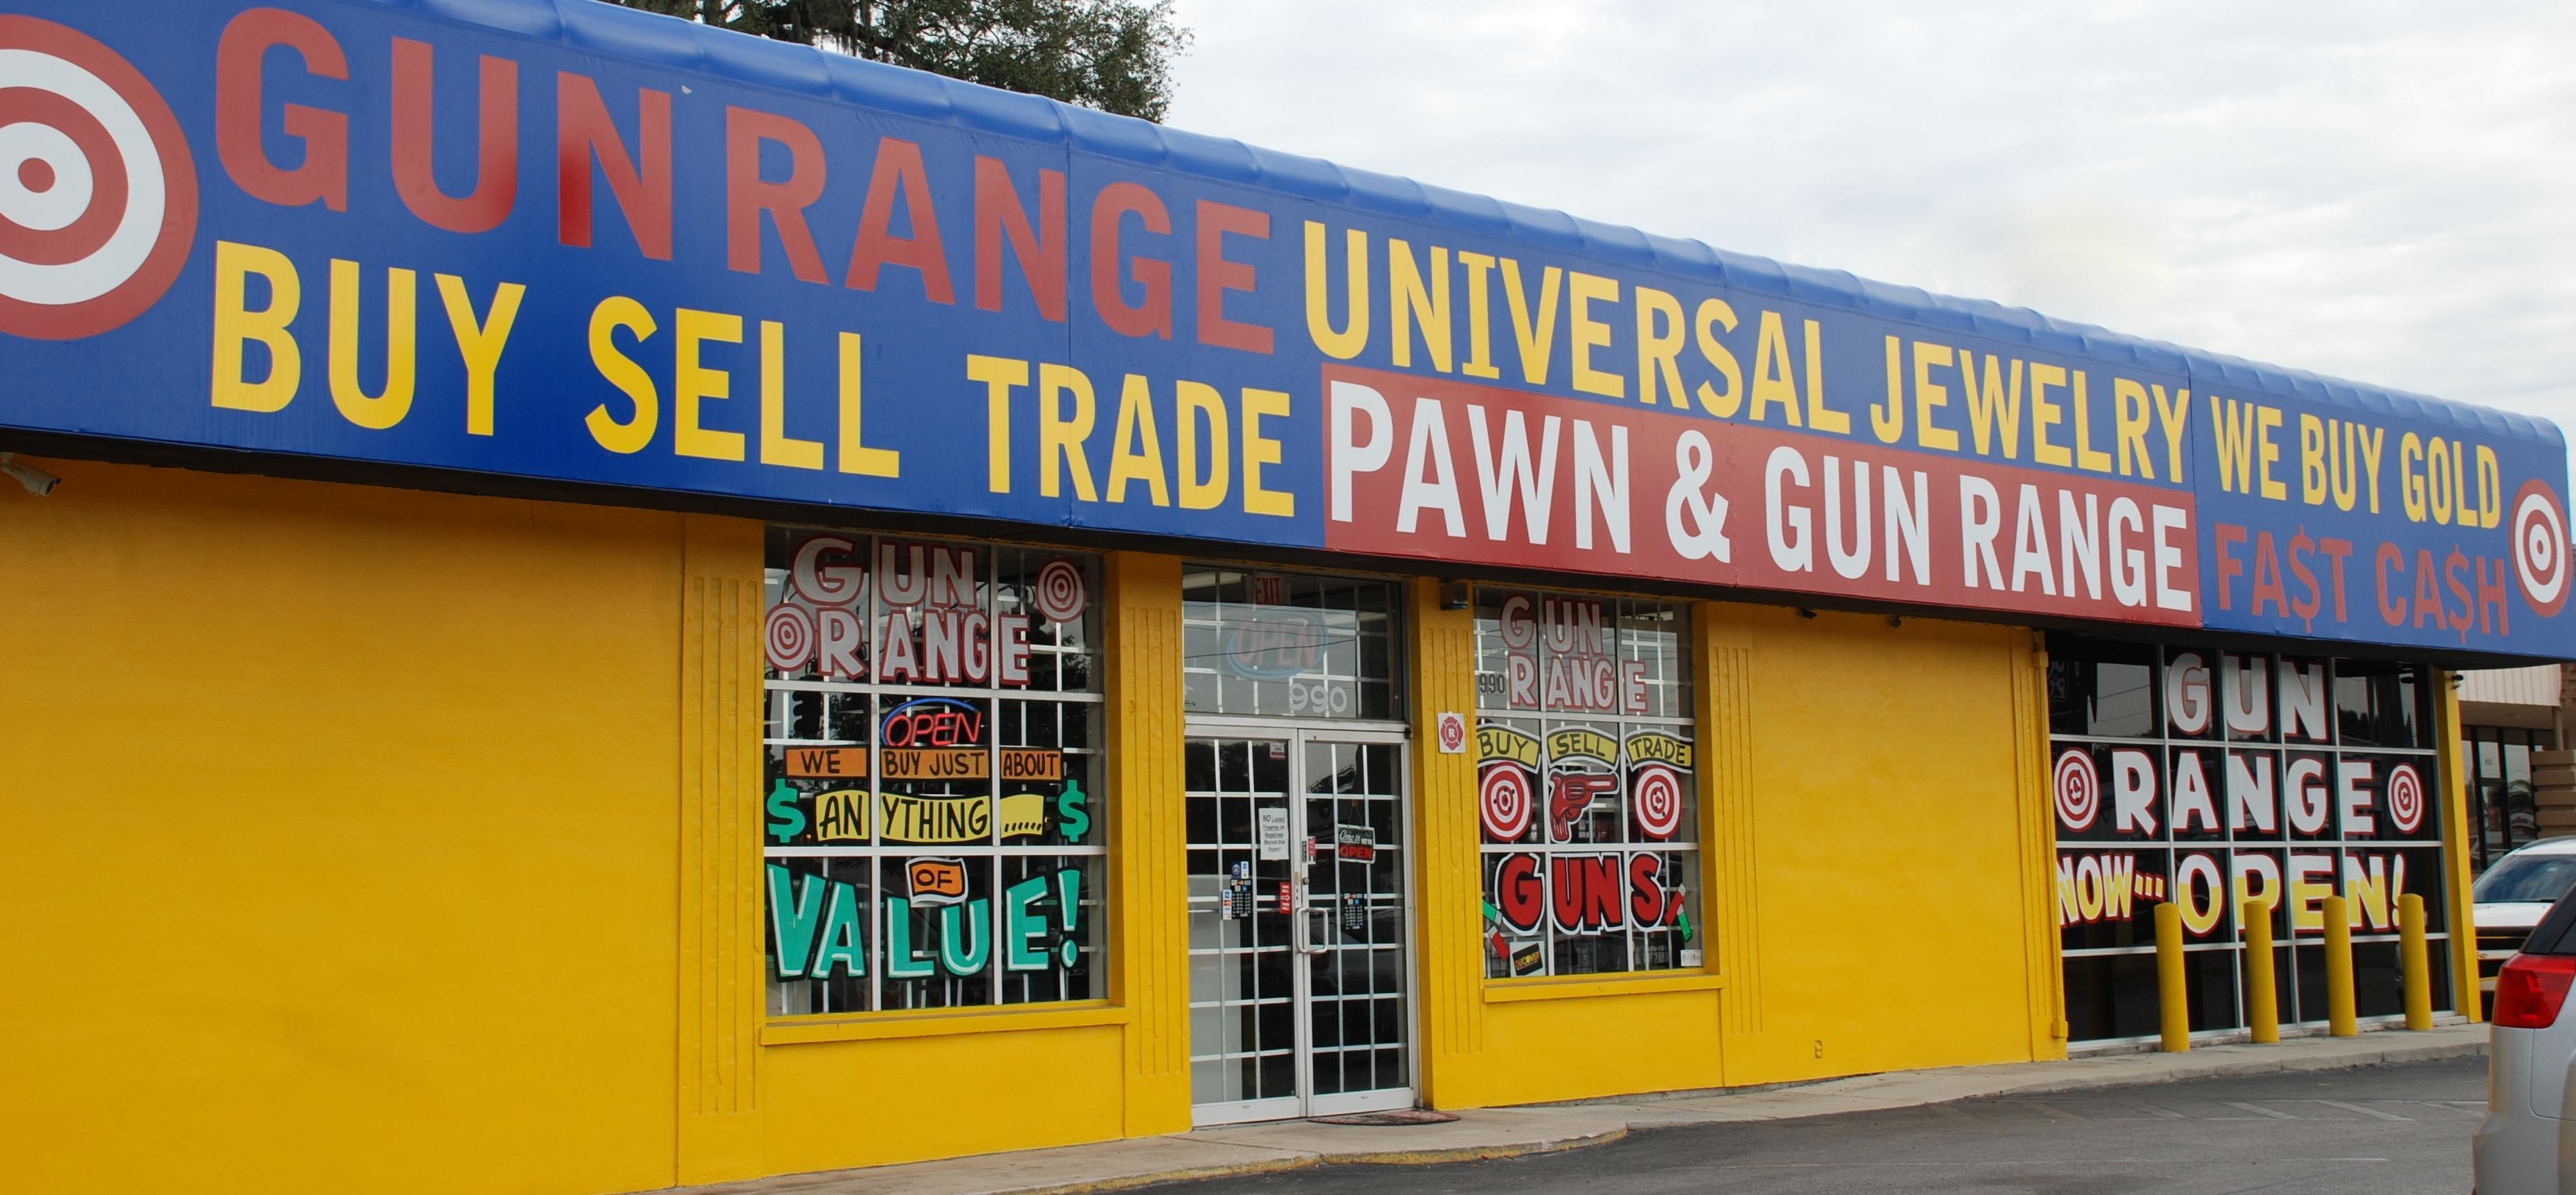 Universal Jewelry Pawn & Gun Range